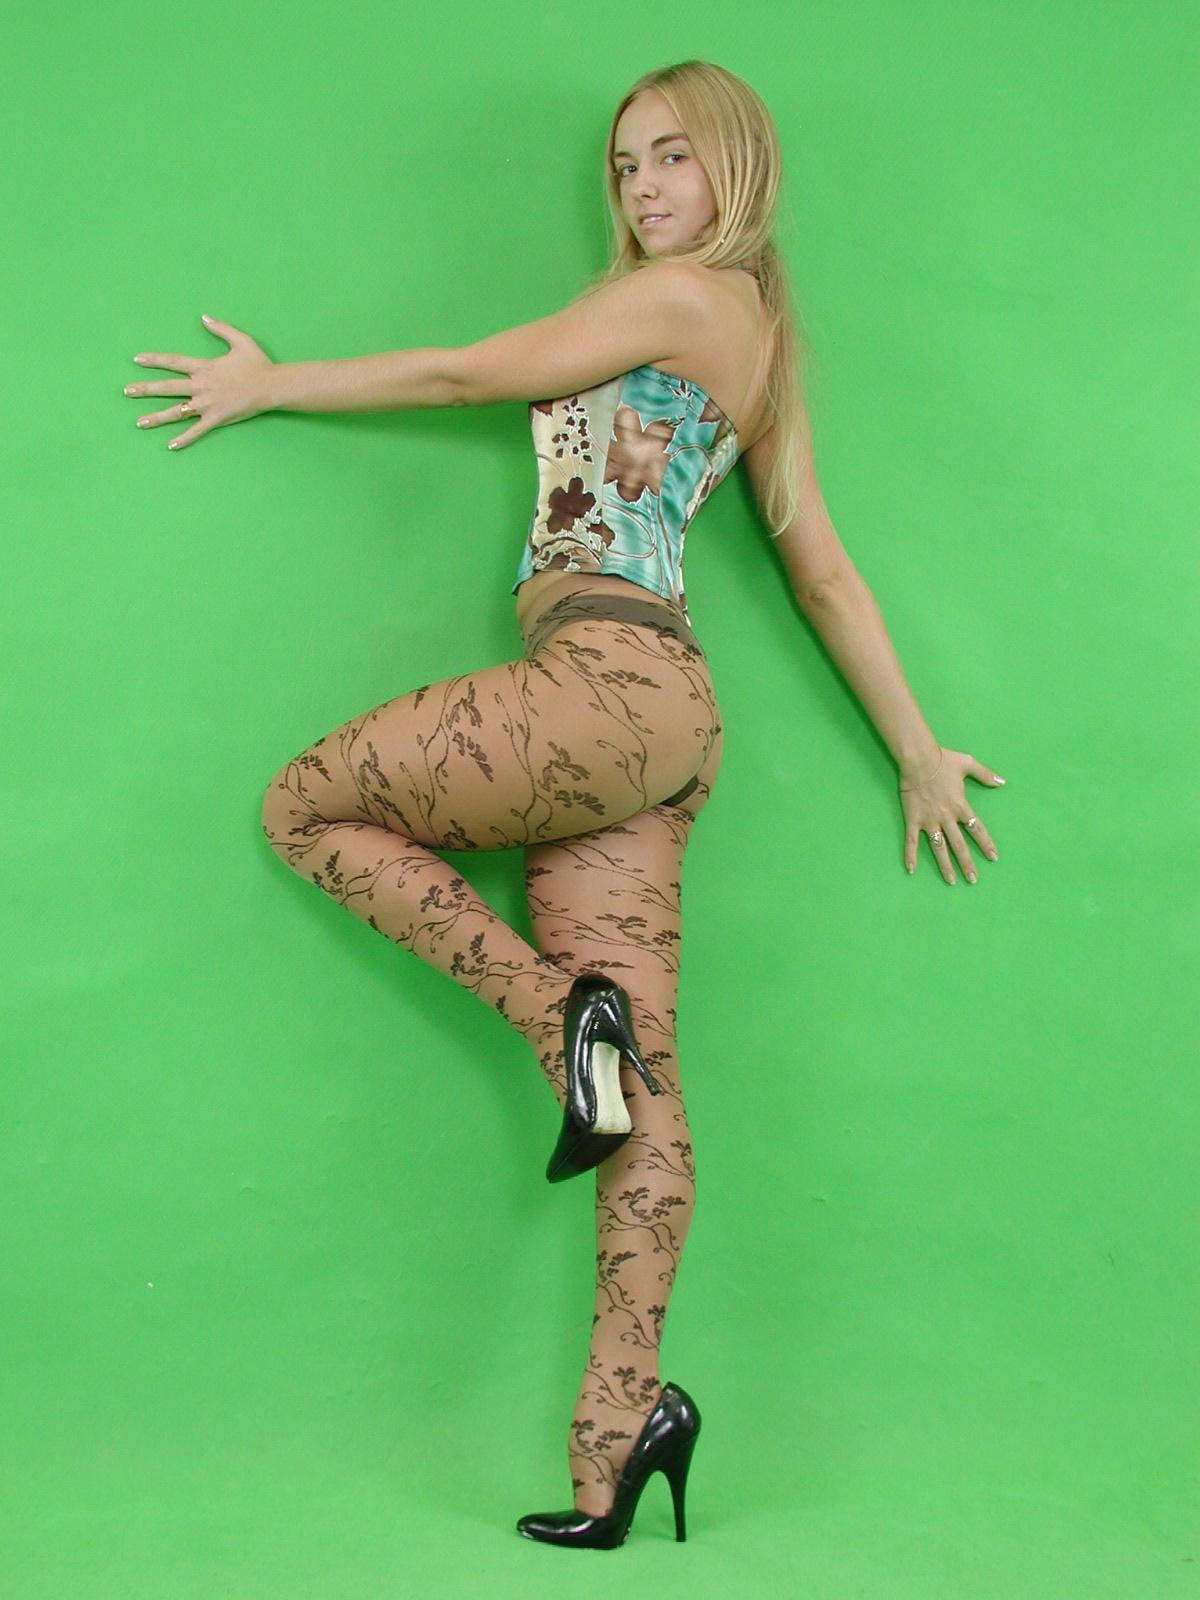 vladmodels yulya karina model my hotz pic